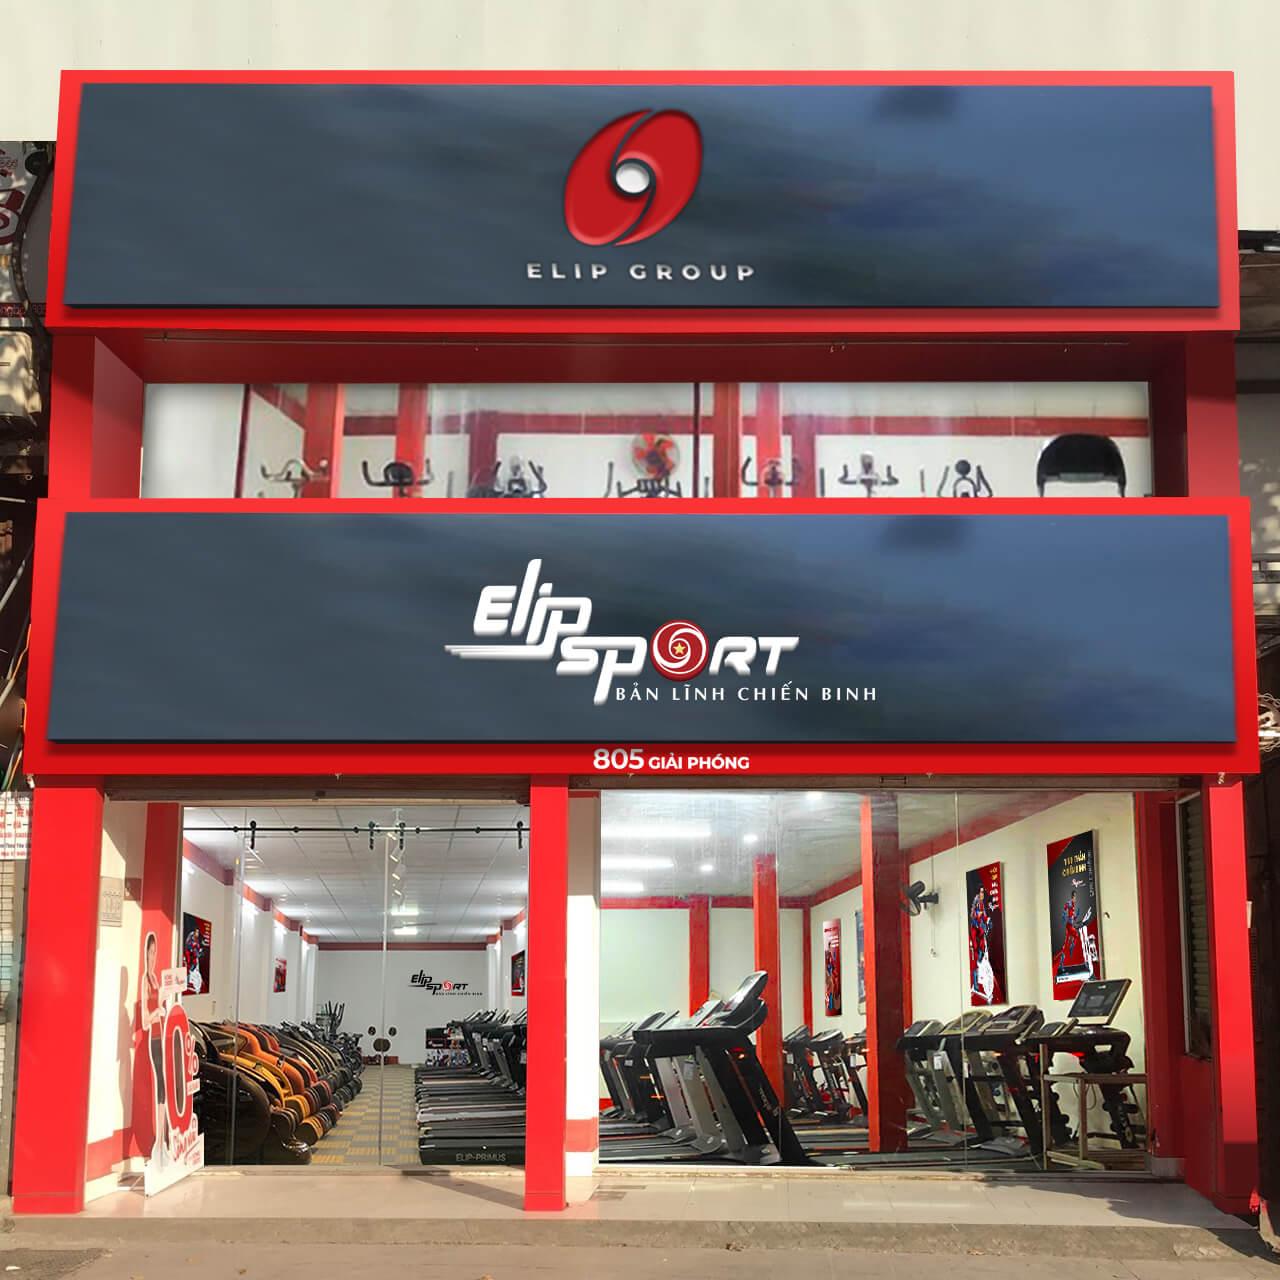 Hình ảnh của chi nhánh Elipsport Hoàng Mai - Hà Nội